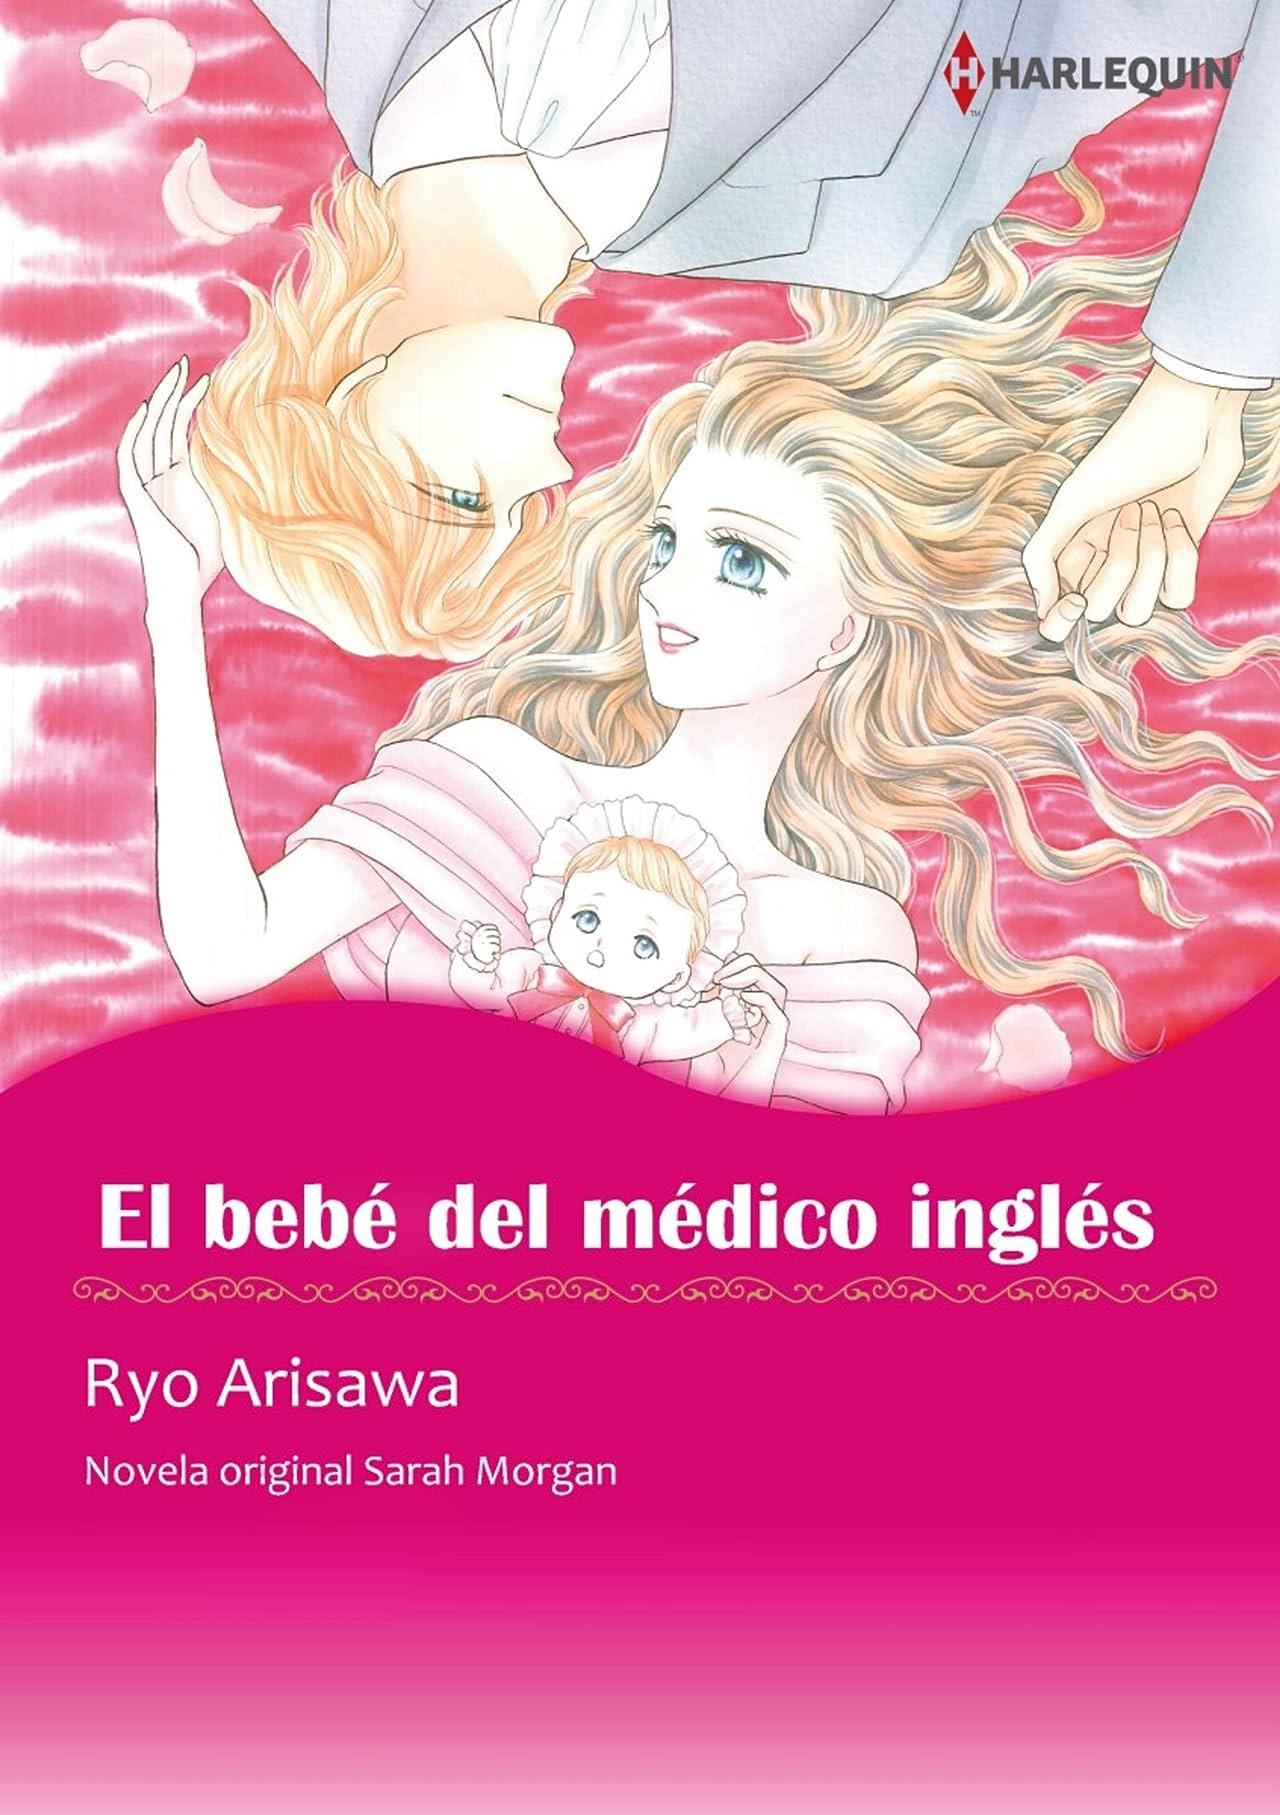 El bebé del médico inglés